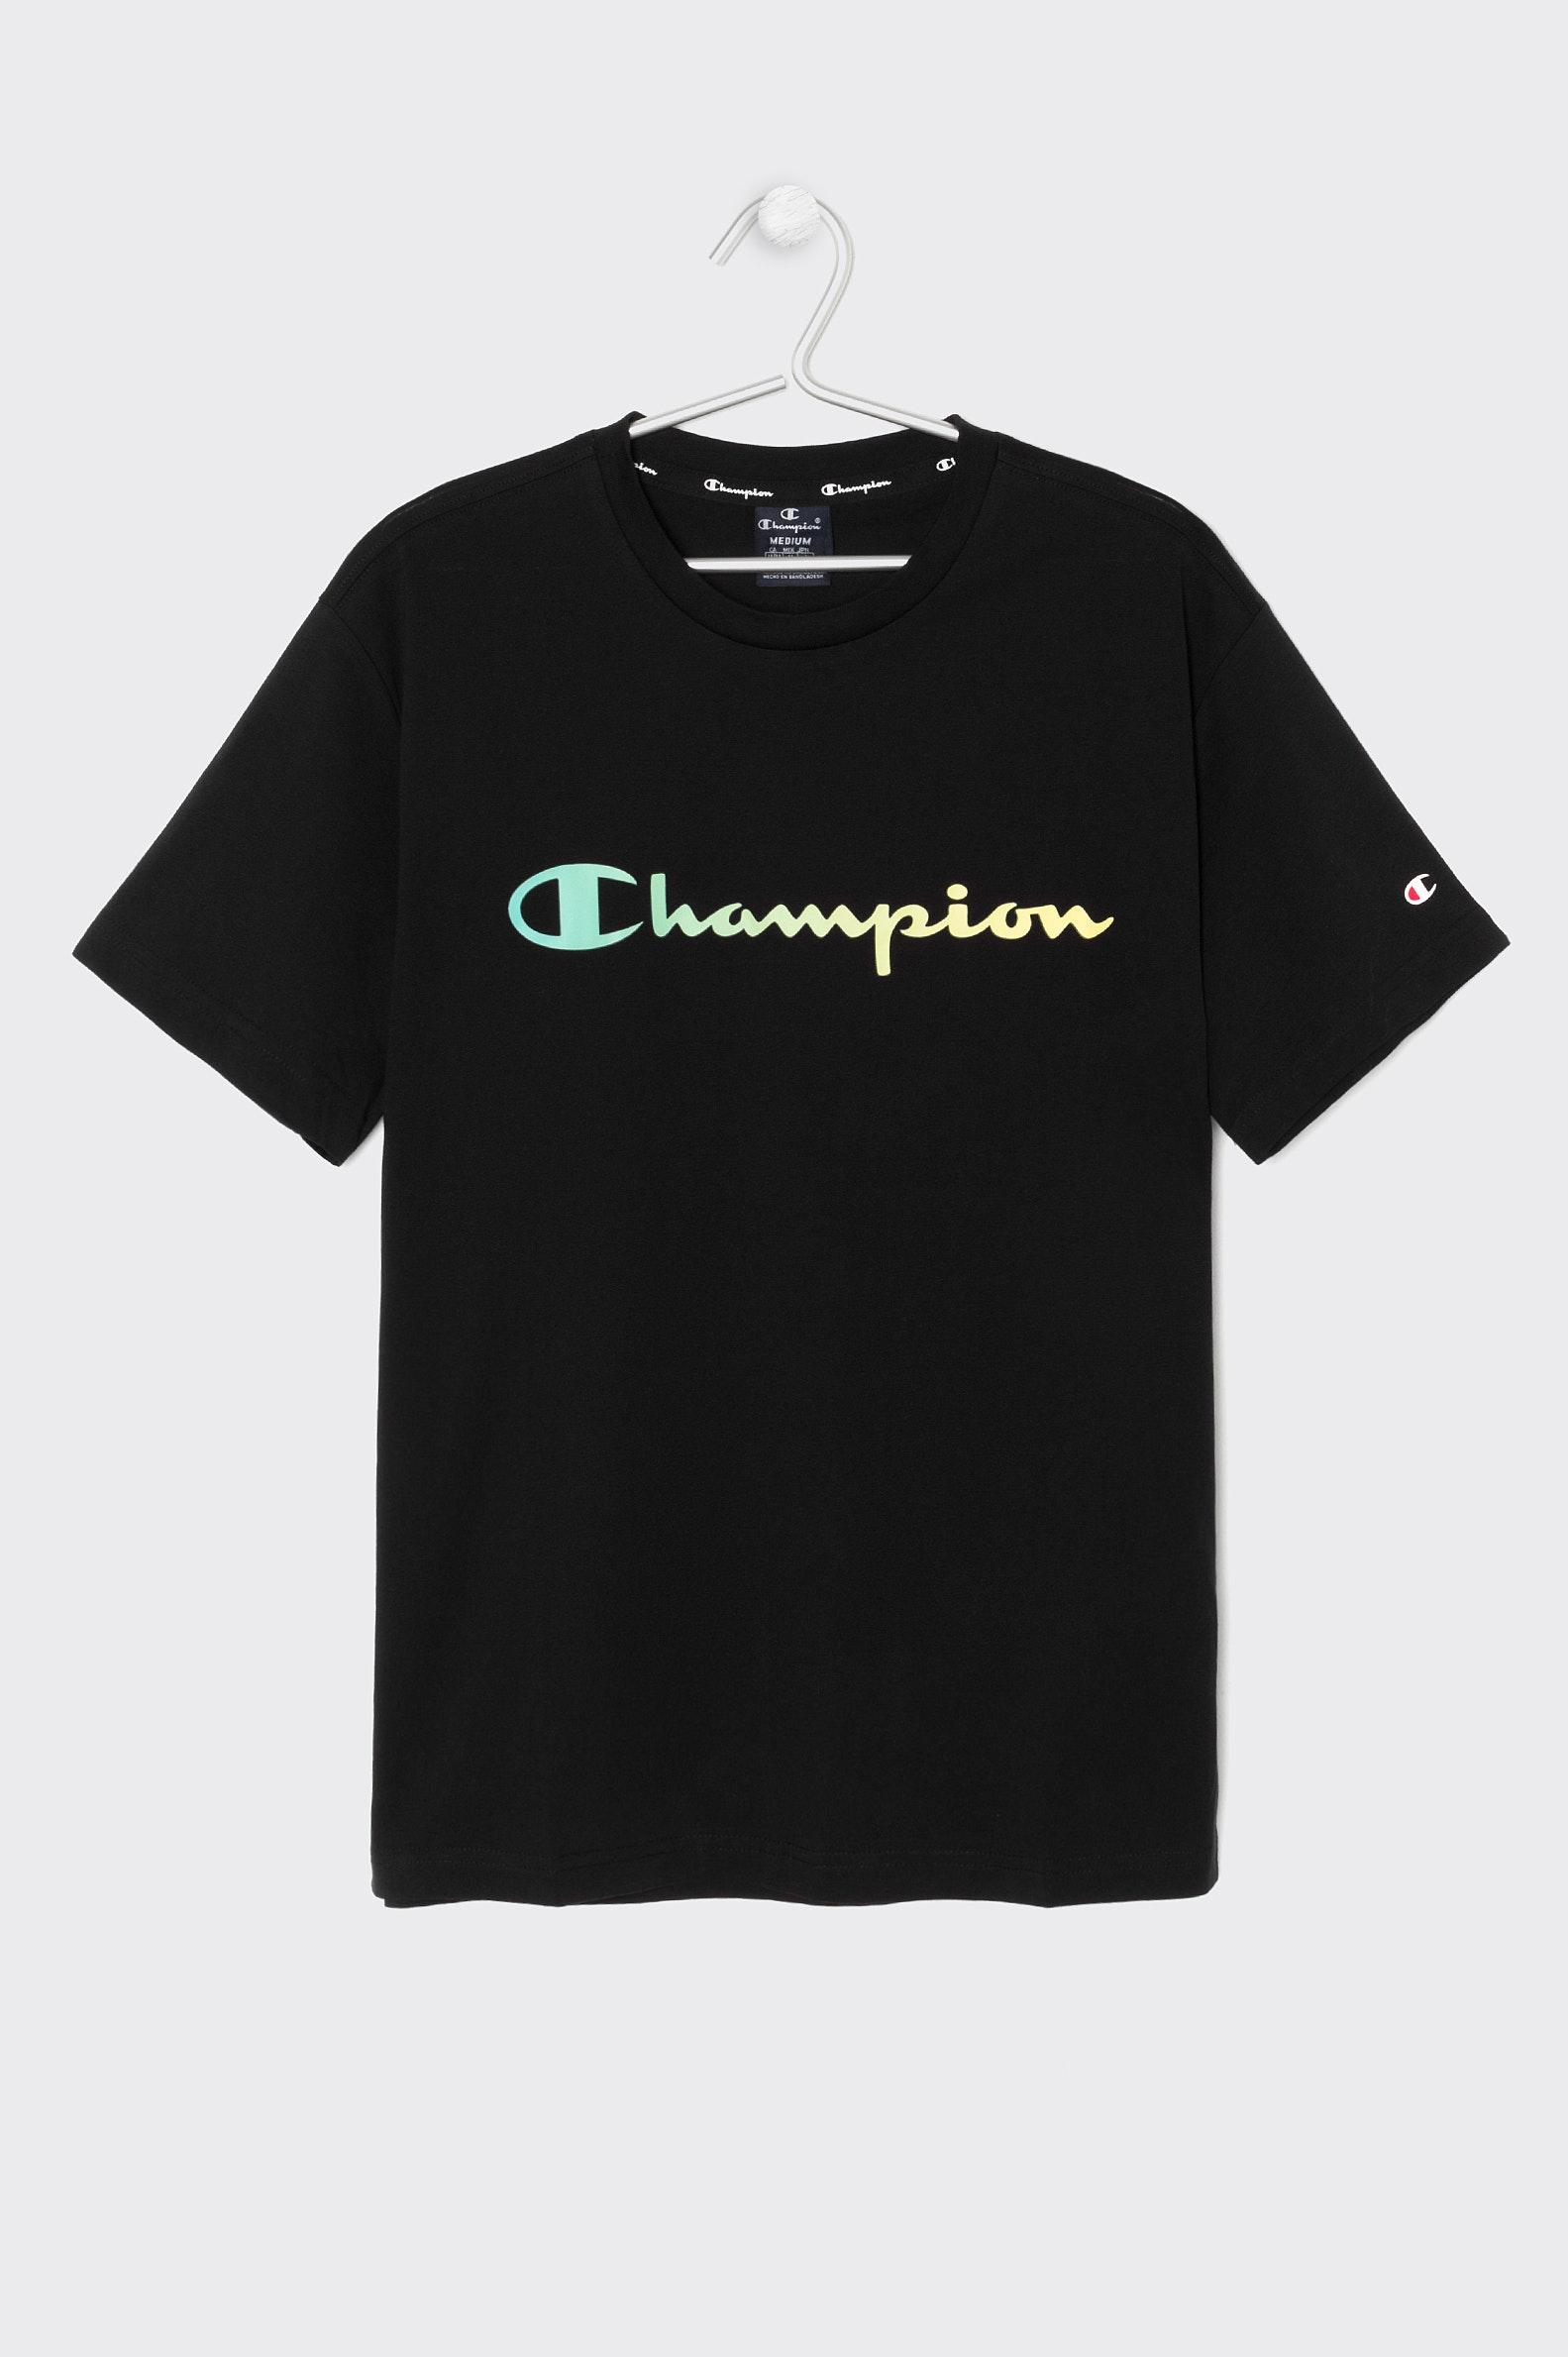 T-SHIRT CASUAL CHAMPION 215791 HOMEM